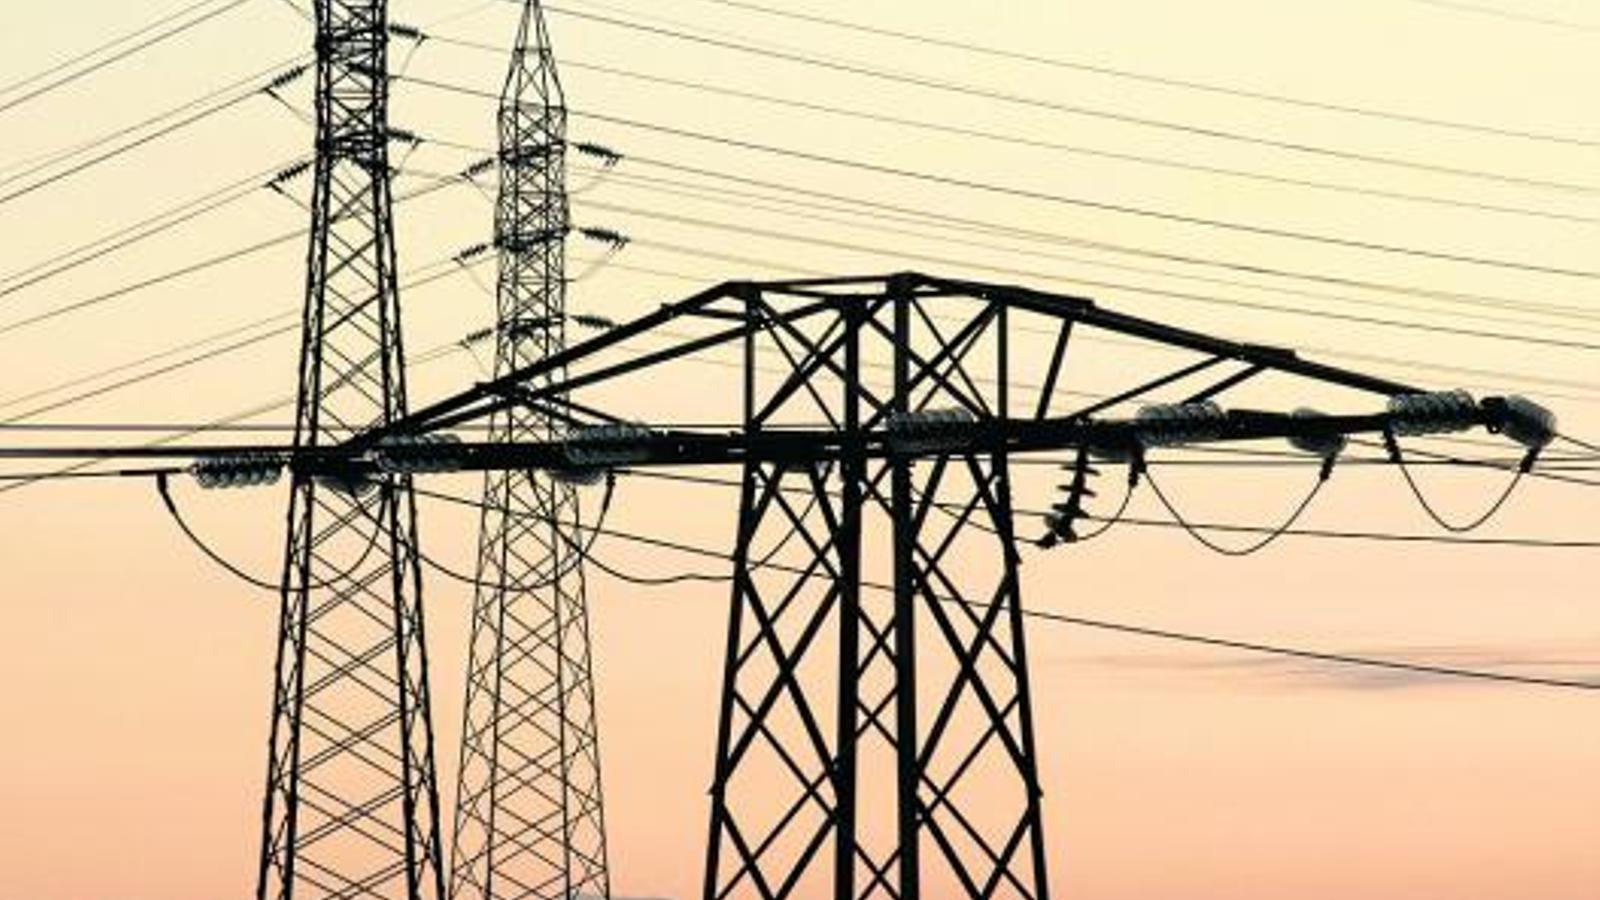 Les elèctriques van amenaçar de pujar dràsticament el rebut de la llum si l'Estat no assumia el dèficit de tarifa del 2013.